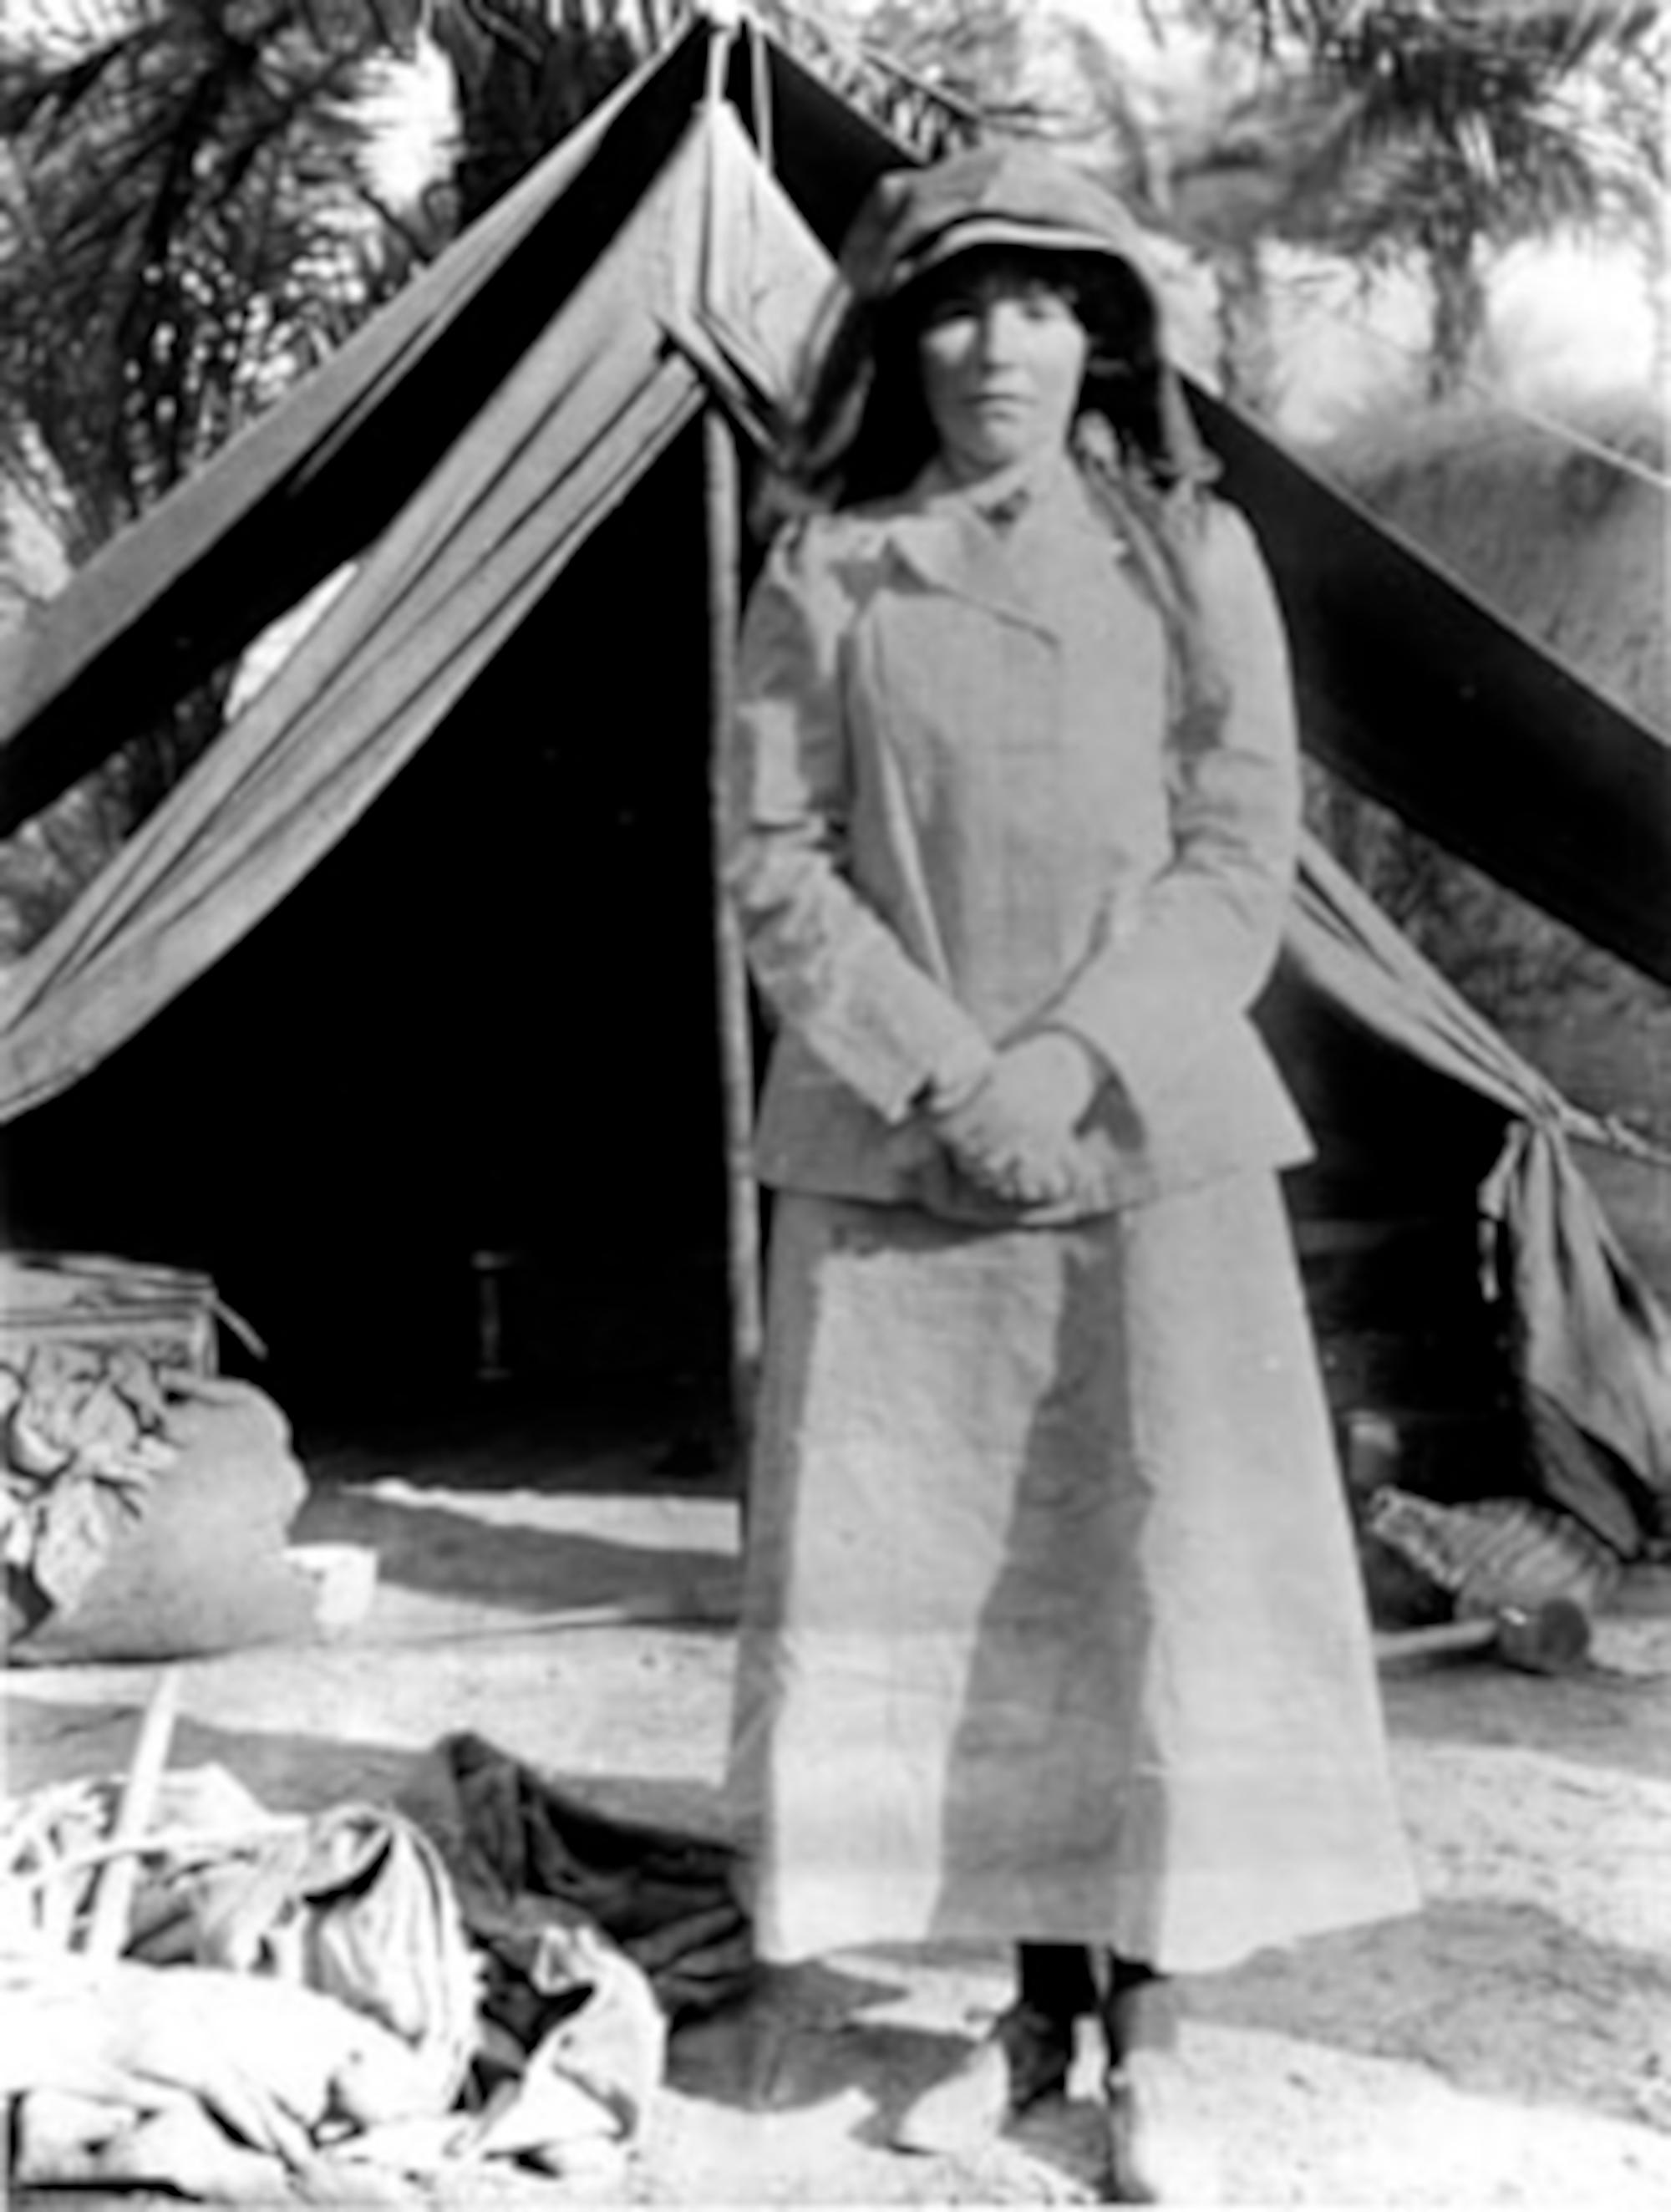 Gertrude Bell, 1909